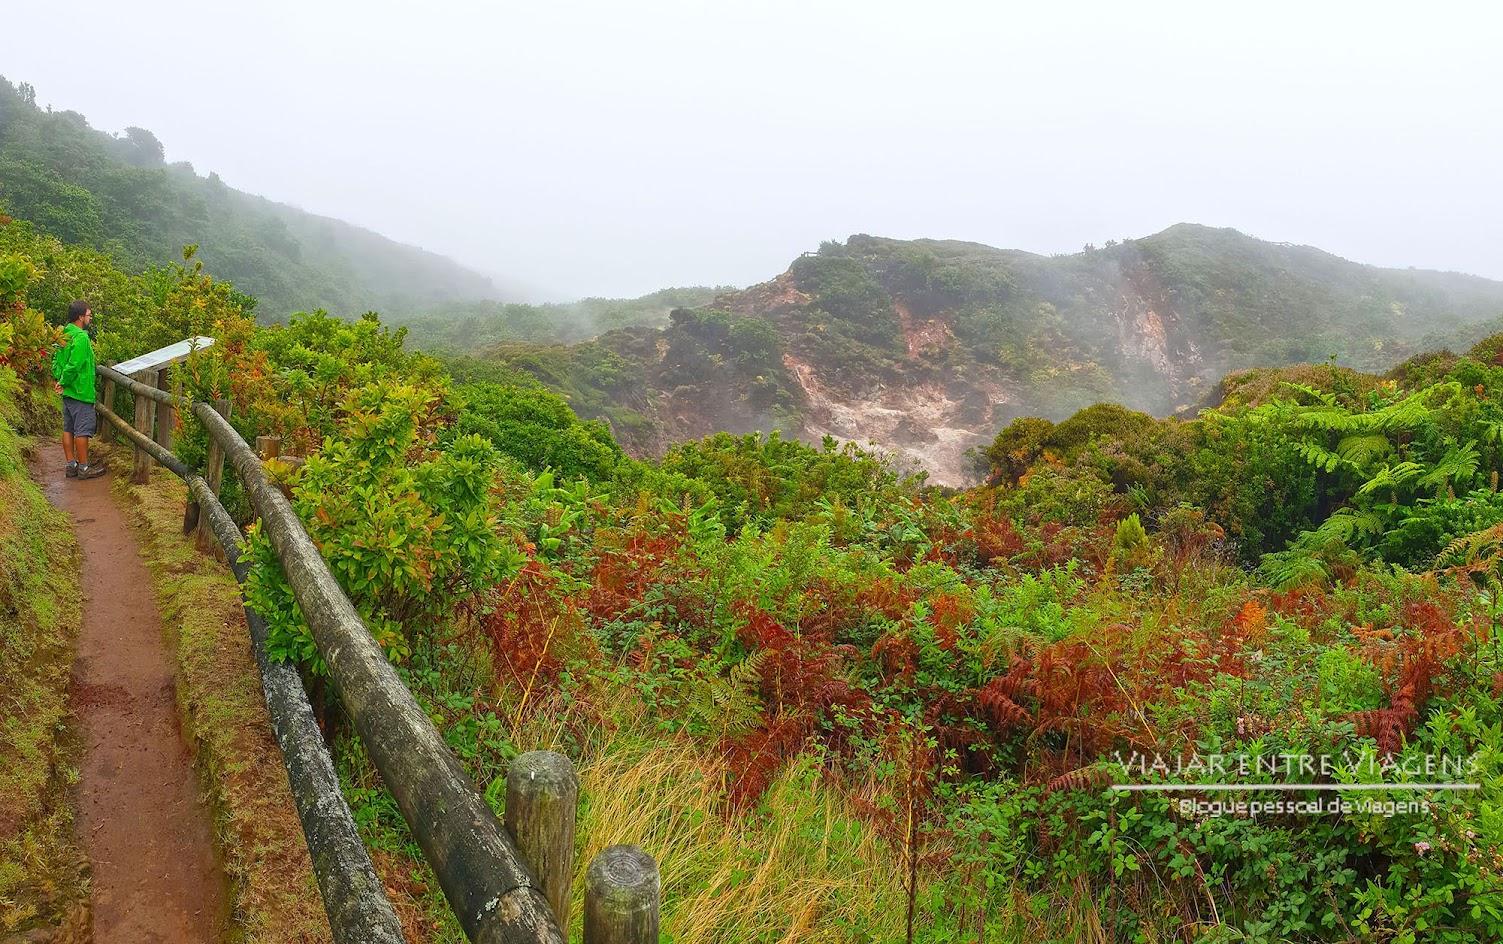 Visitar as Furnas do Enxofre, na ilha Terceira